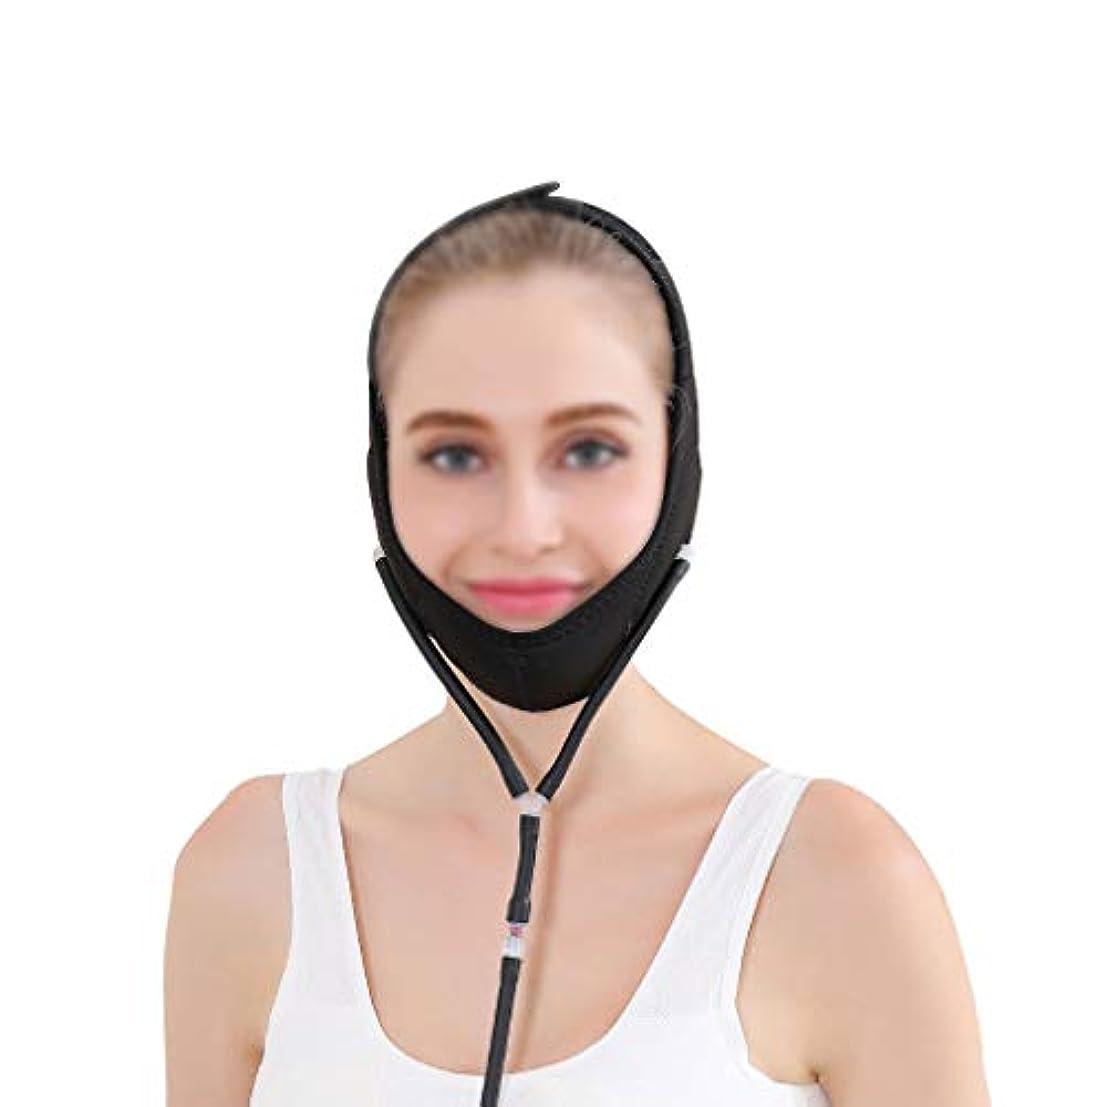 忘れるあいにく膿瘍GLJJQMY 表面持ち上がる包帯の膨脹可能な圧力回復マスク持ち上がる張力包帯は二重あごを減らします 顔用整形マスク